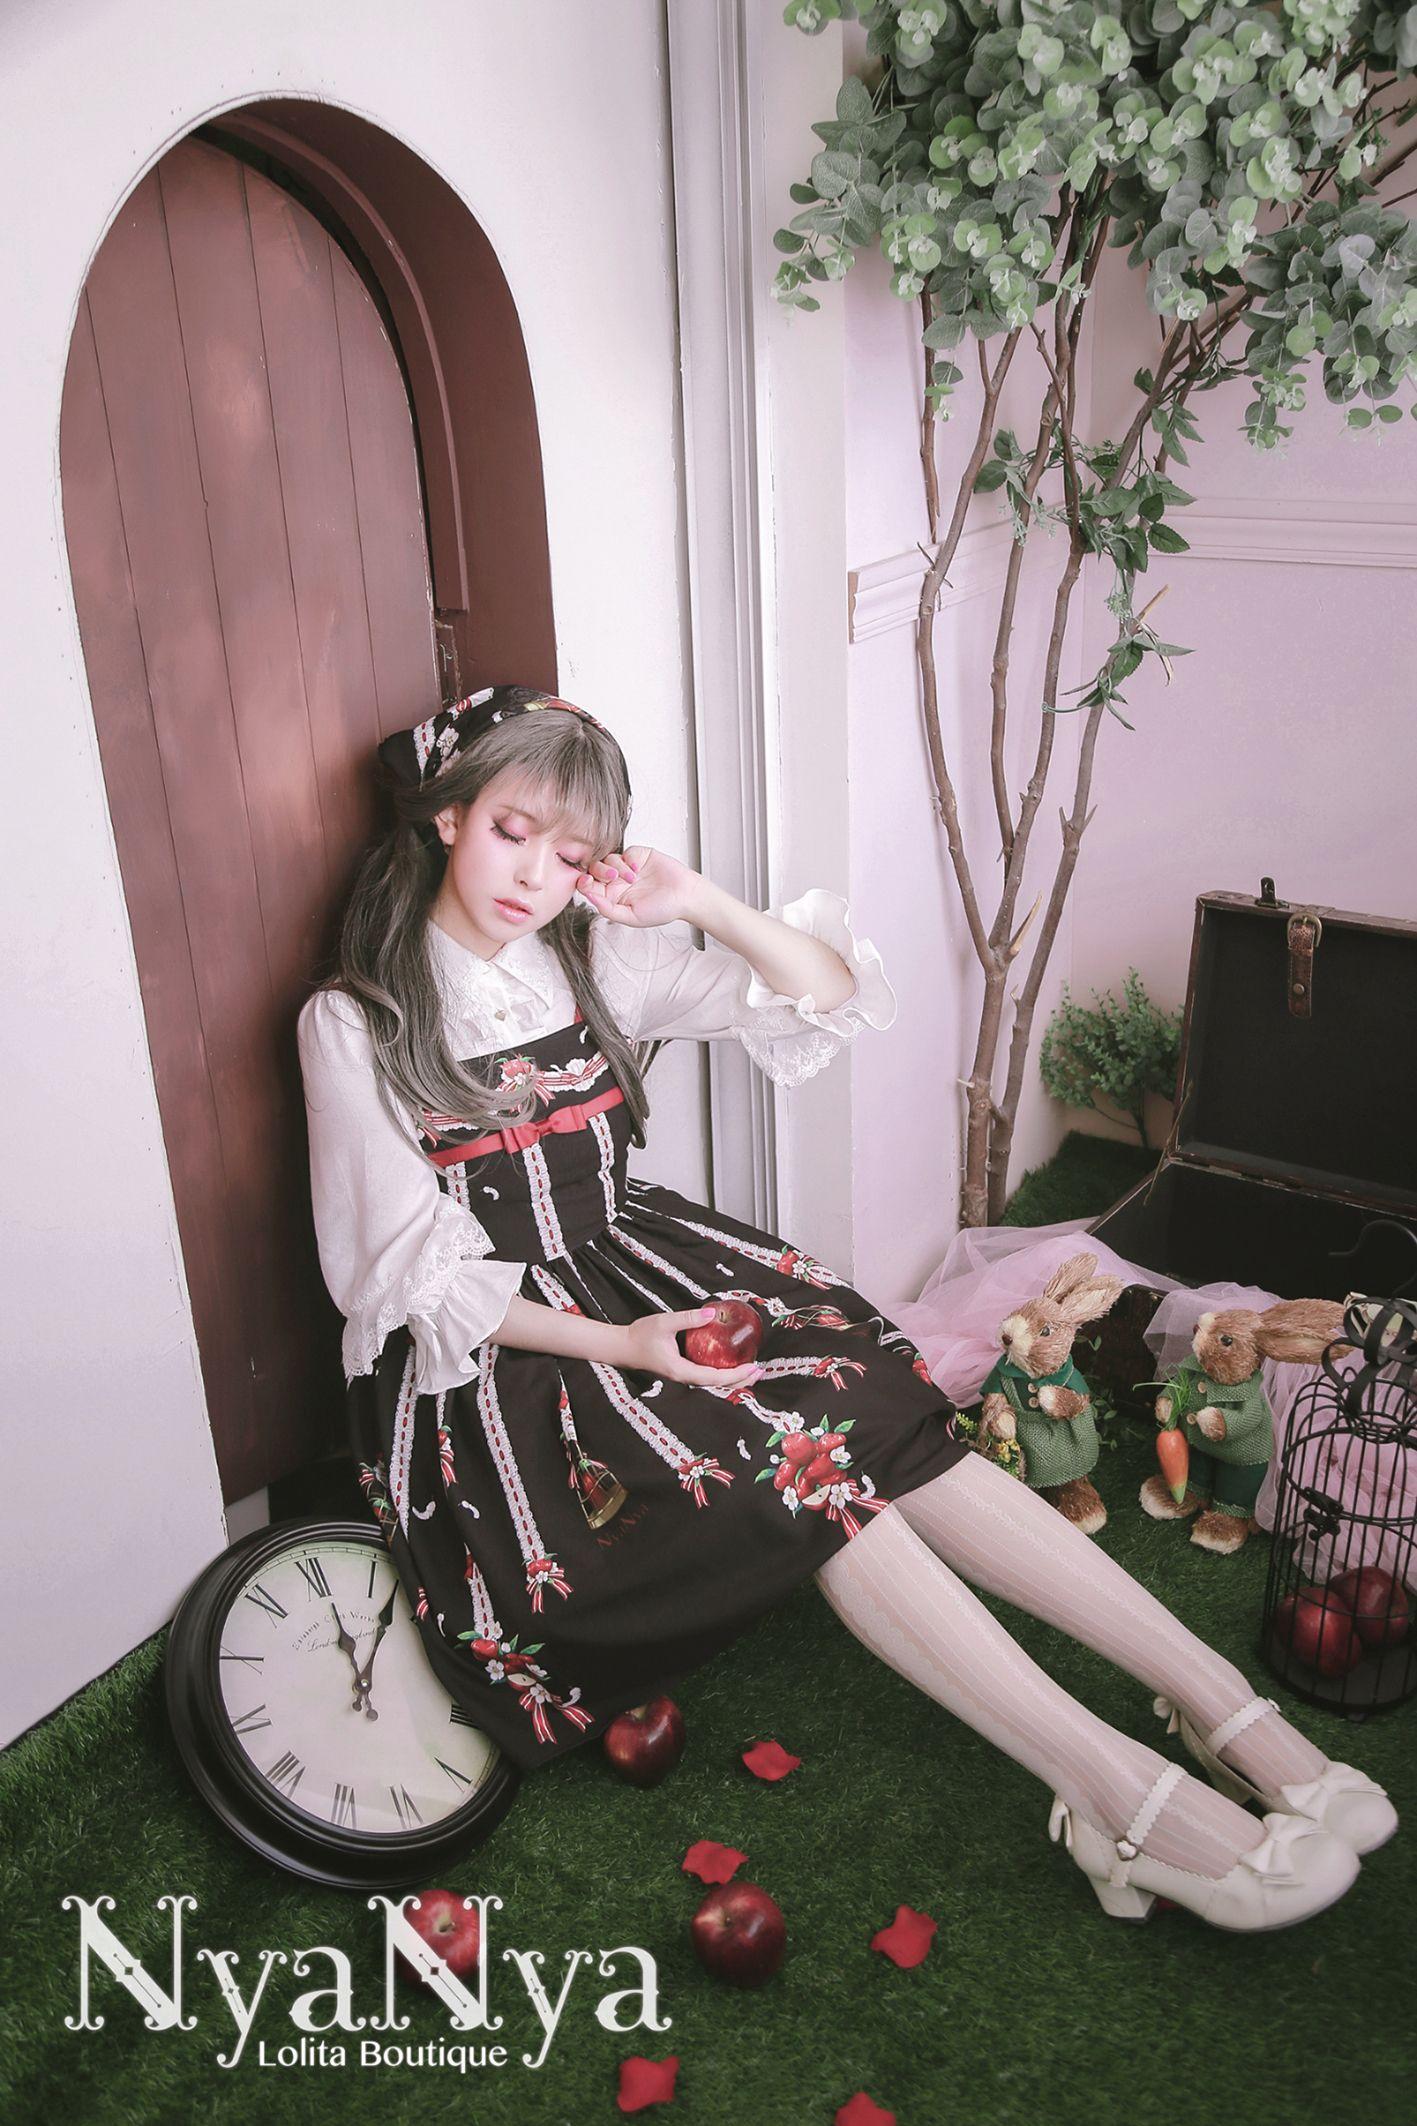 【现货】+NyaNya+白羽林檎+原创Lolita定位花吊带正常腰JSK-淘宝网全球站